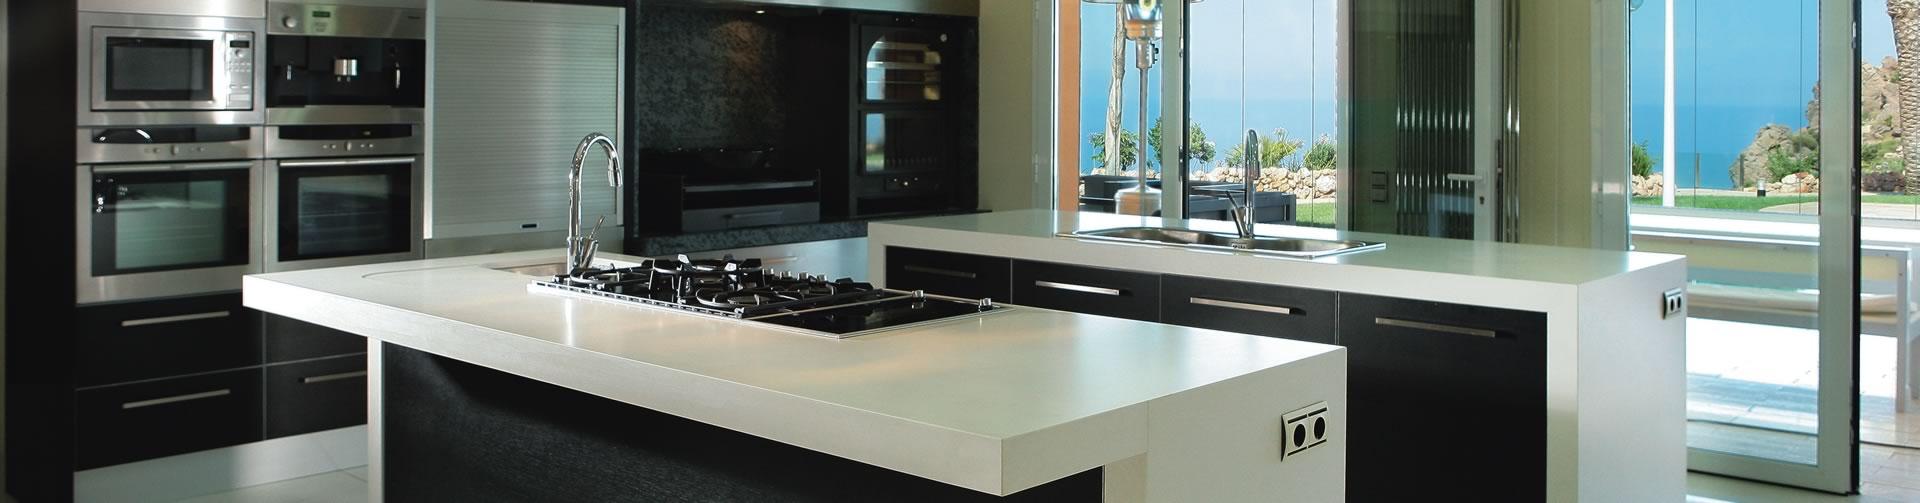 Cocina en blanco y negro de silestone